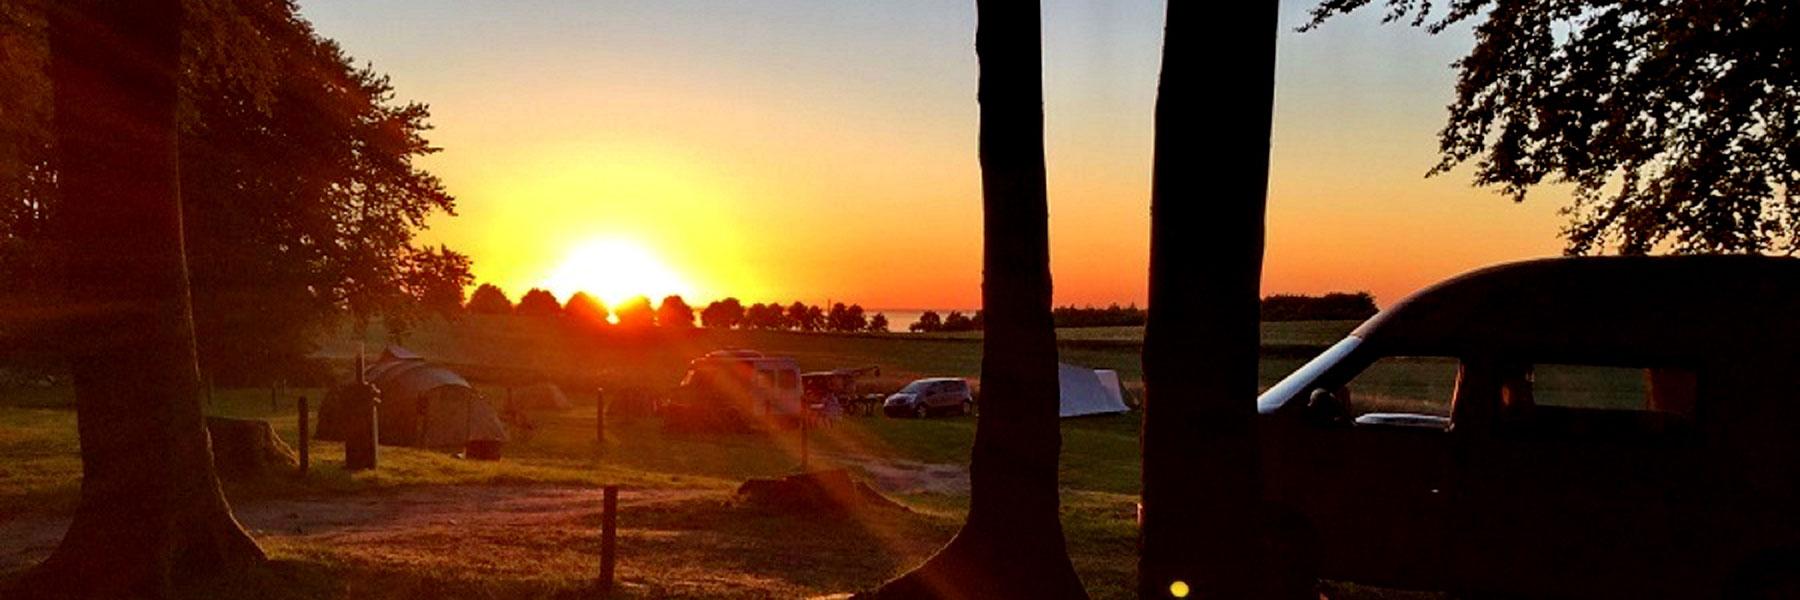 Abendsonne - Krüger Naturcamping